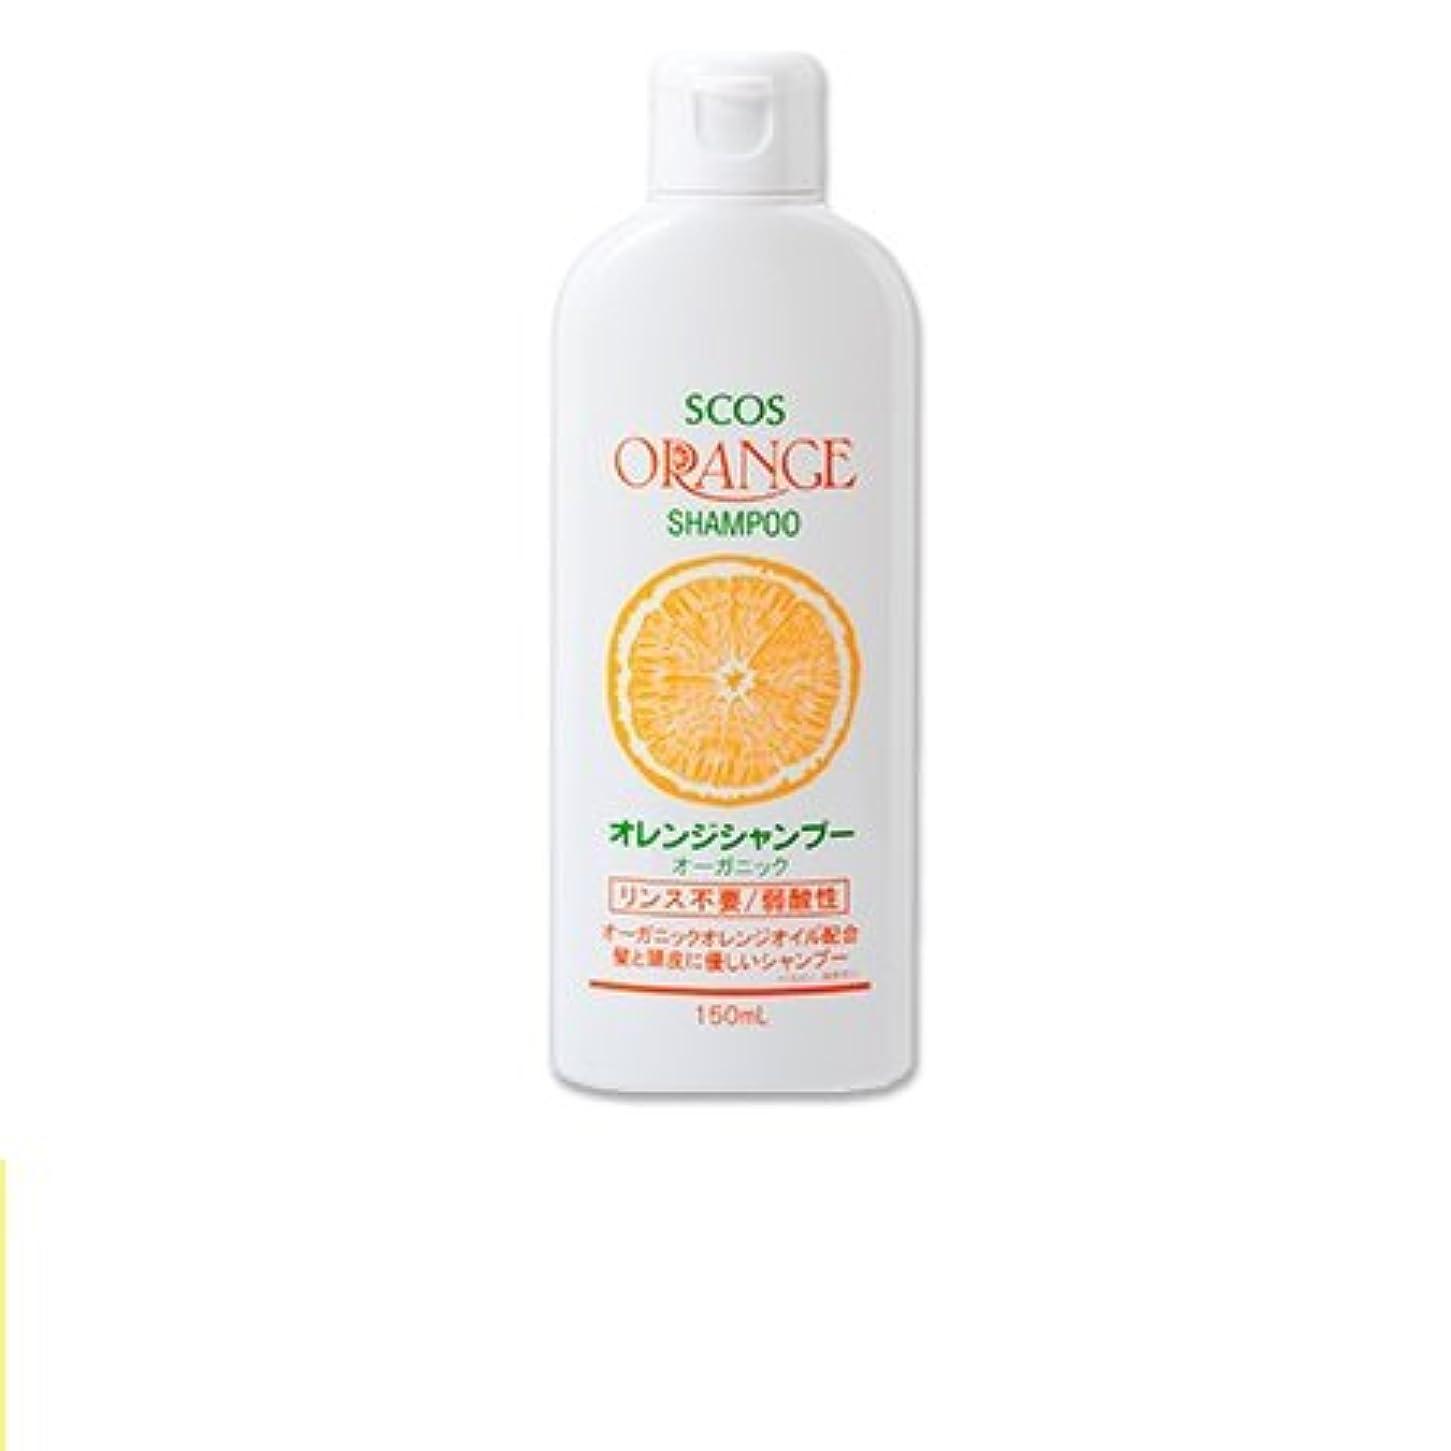 遊びますチョーク協力エスコス オレンジシャンプーオーガニック (150ml)